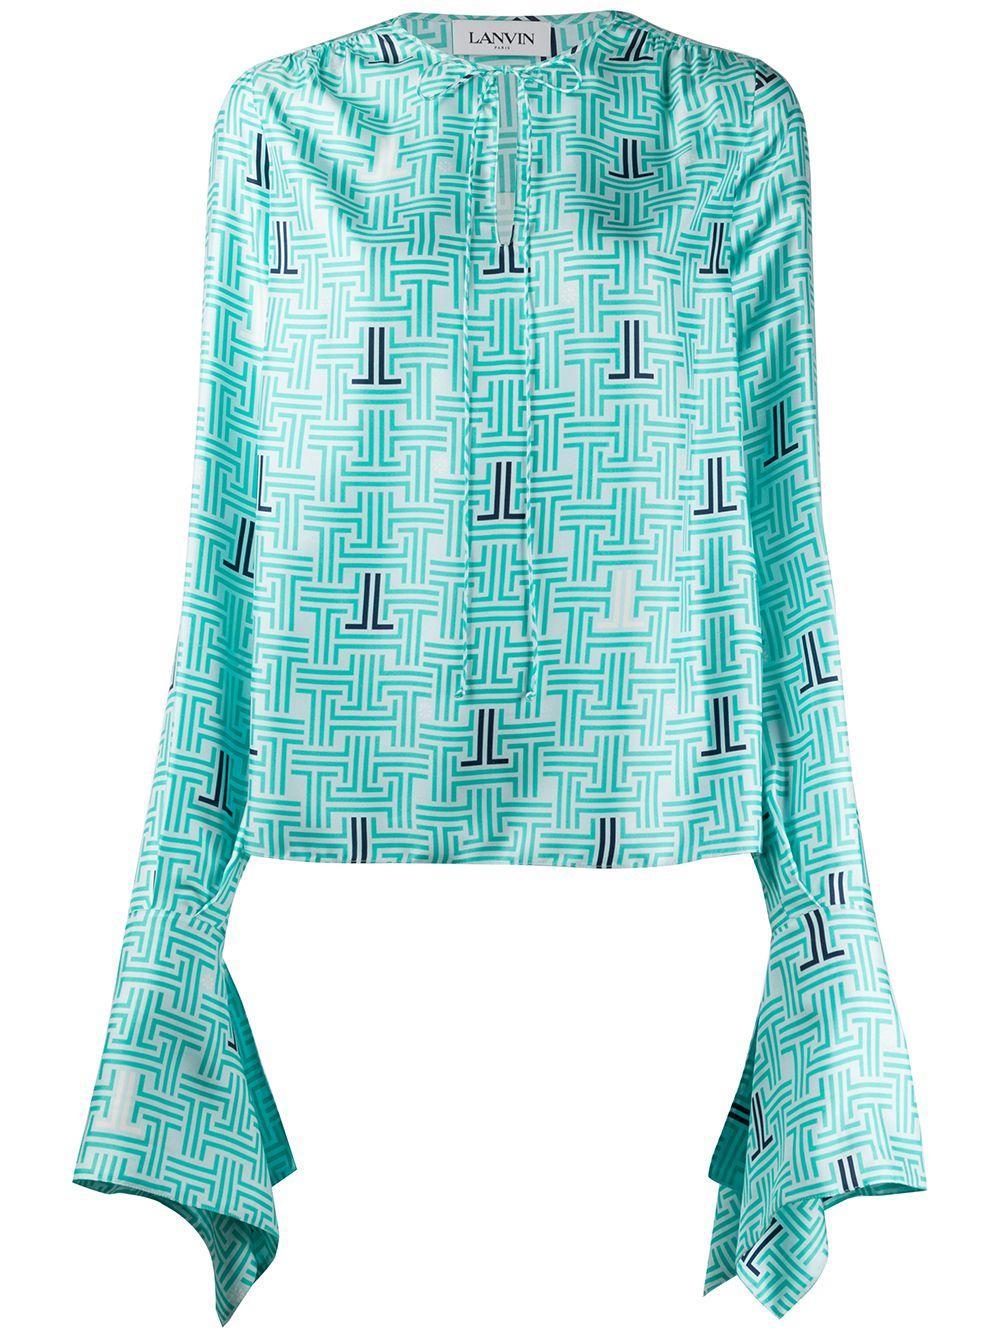 LANVIN блузка JL с принтом